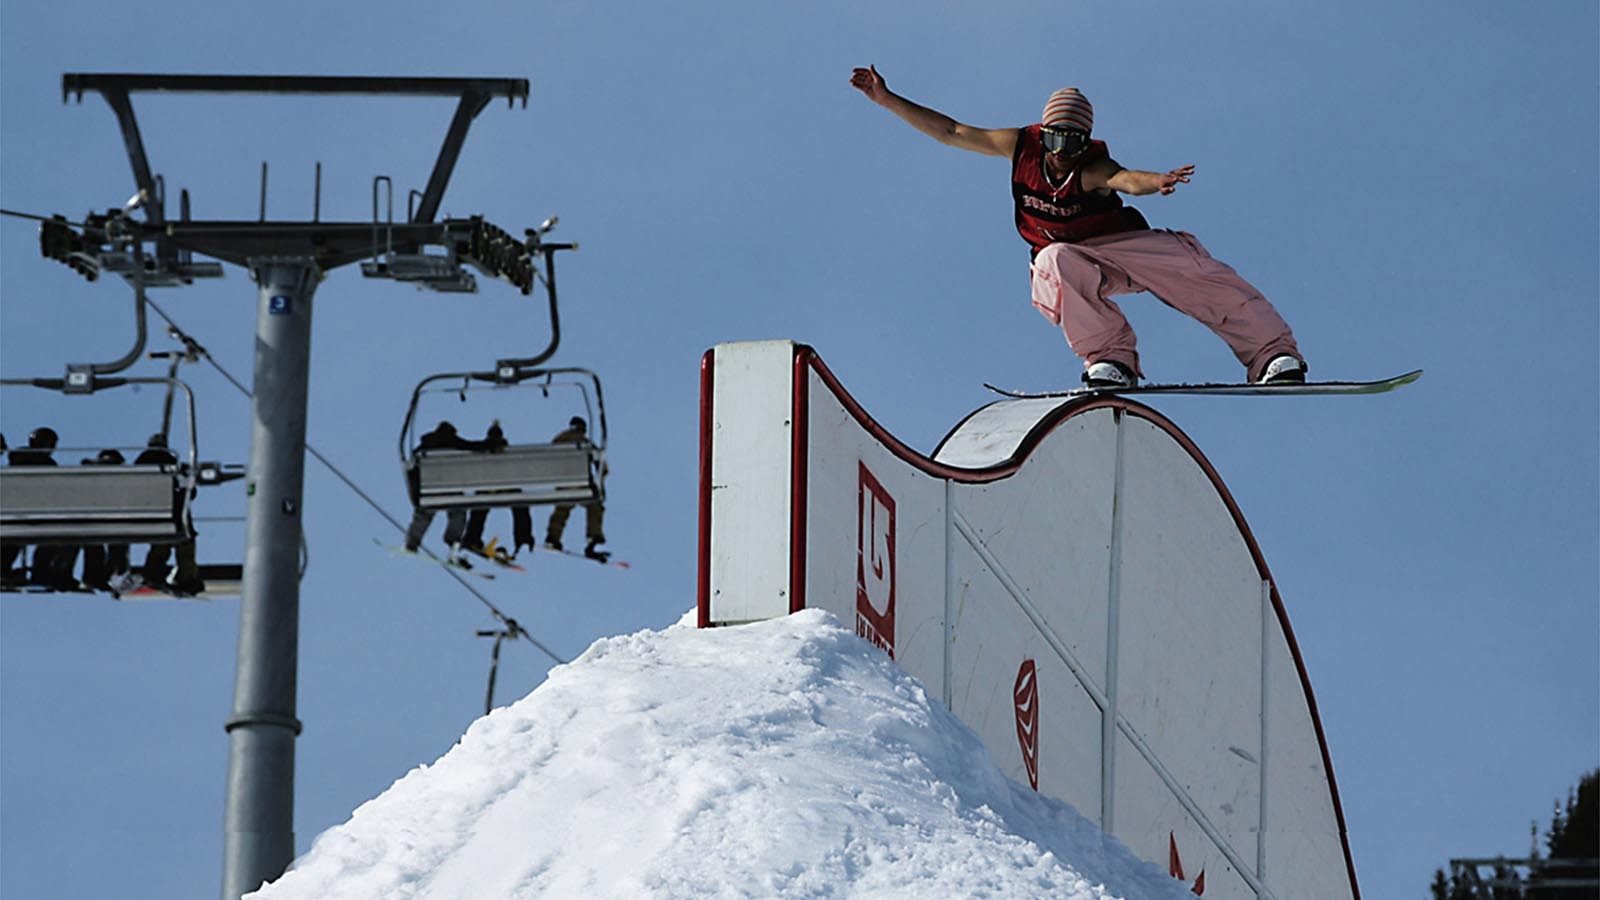 Burton Fun Park in Mayrhofen